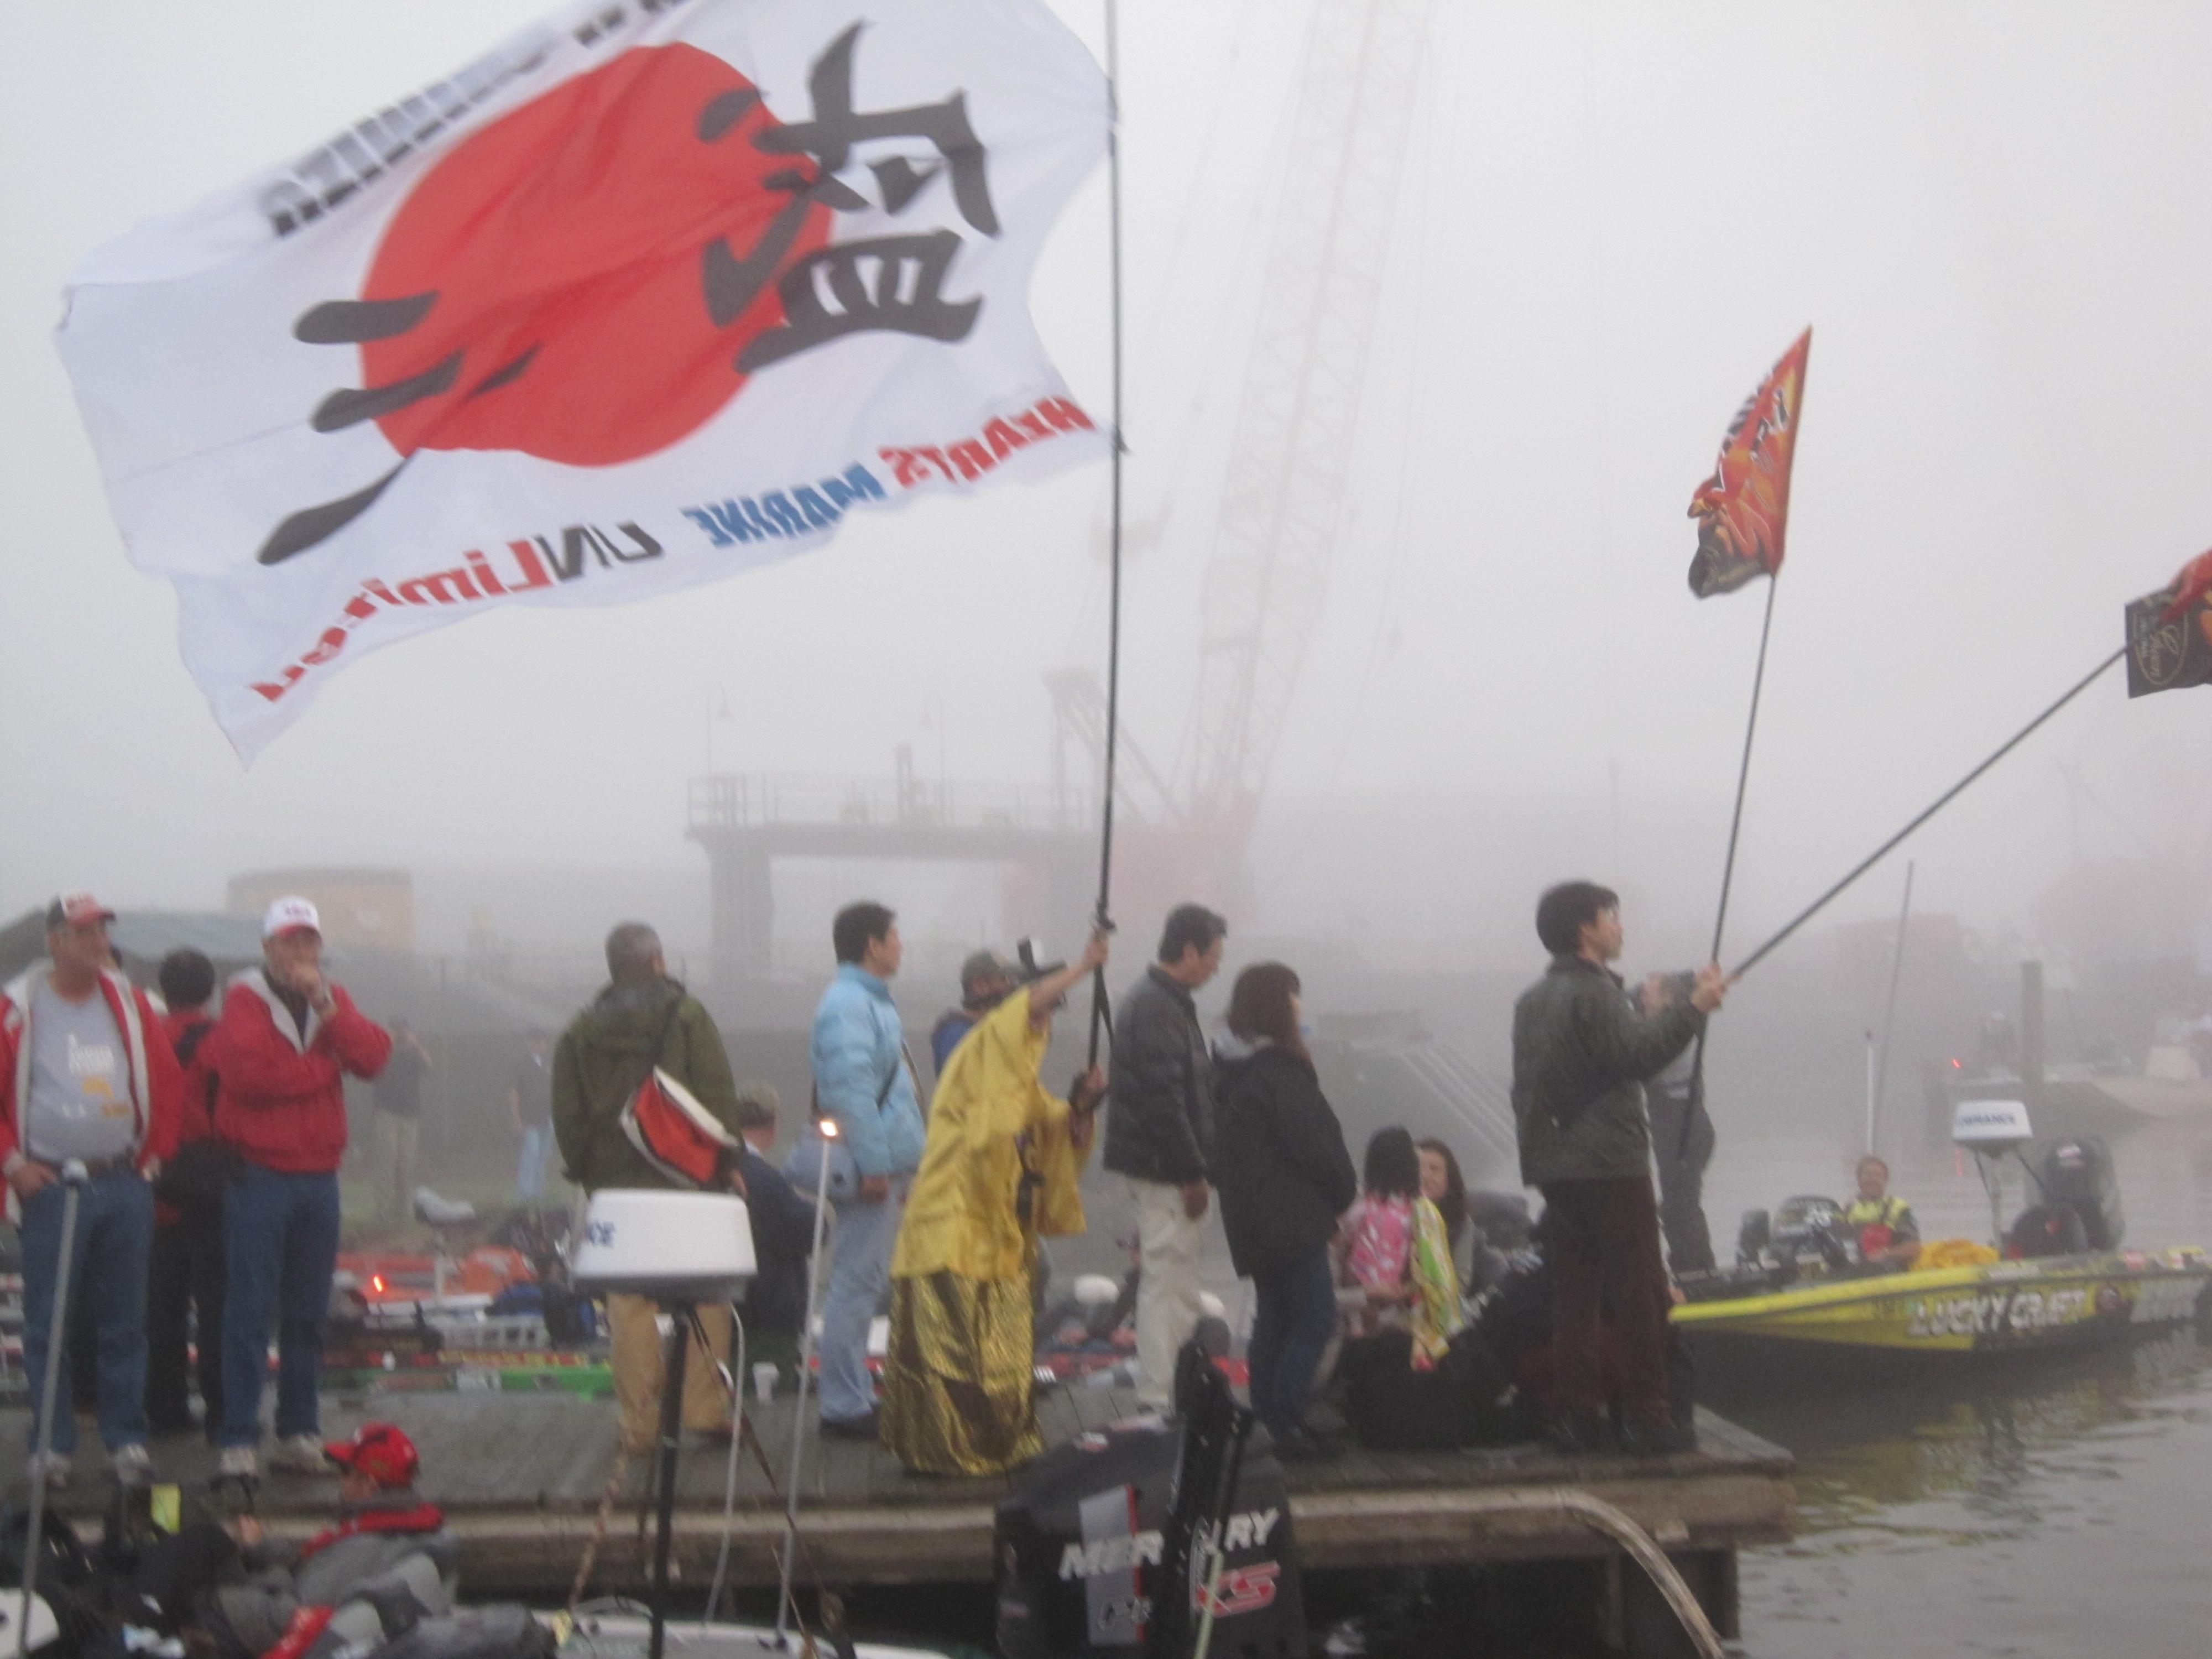 http://www.heartsmarine.com/images/IMG_0042.JPG